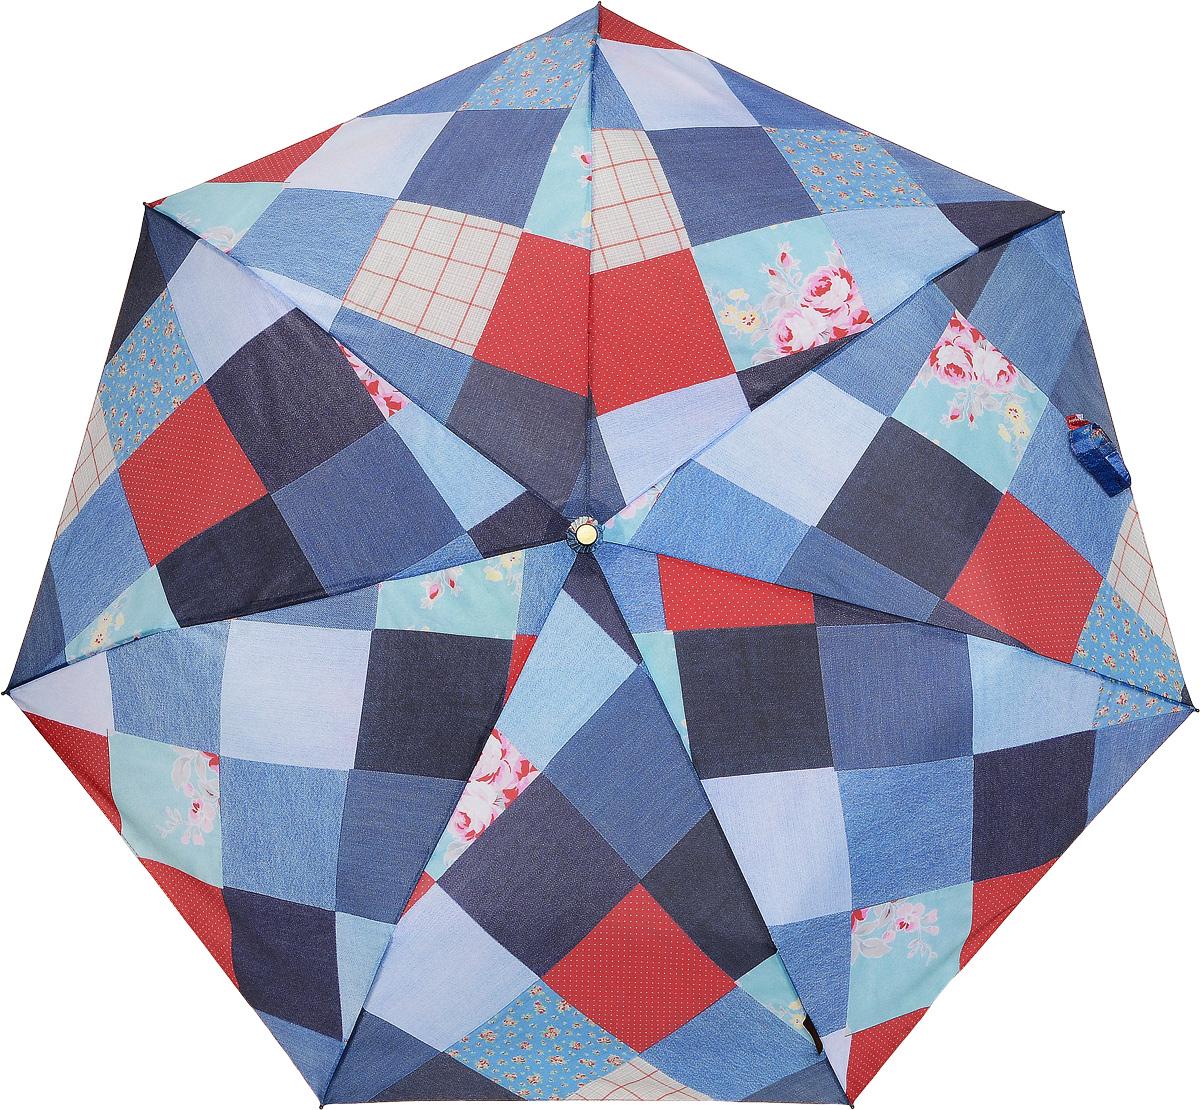 Bisetti 35163-3 Зонт полный автом. 3 сл. жен.REM12-CAM-GREENBLACKЗонт испанского производителя Clima. В производстве зонтов используются современные материалы, что делает зонты легкими, но в то же время крепкими. Полный автомат, 3 сложения, 8 спиц по 54 см, полиэстер.